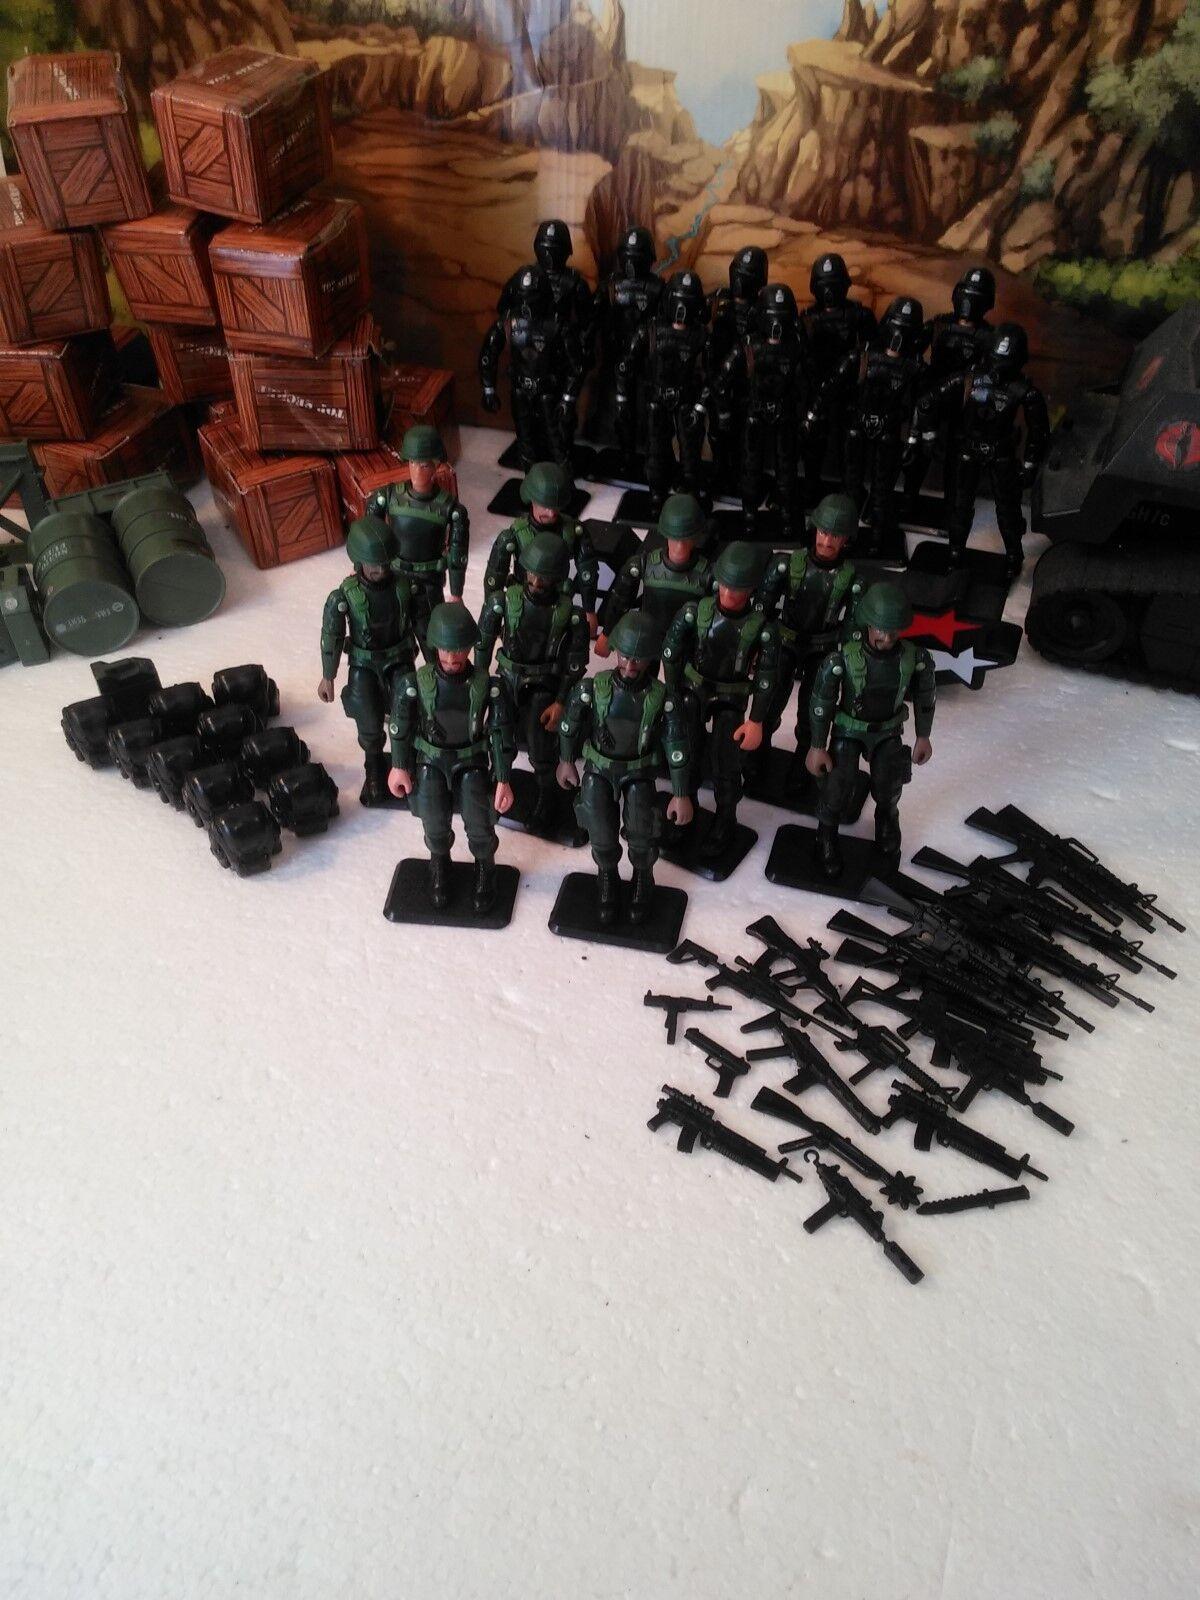 precios mas baratos TRU TRU TRU excl  2005 conjunto de División de Infantería  (10) tropas de infantería también conocido como  camisas verdes   Precio por piso